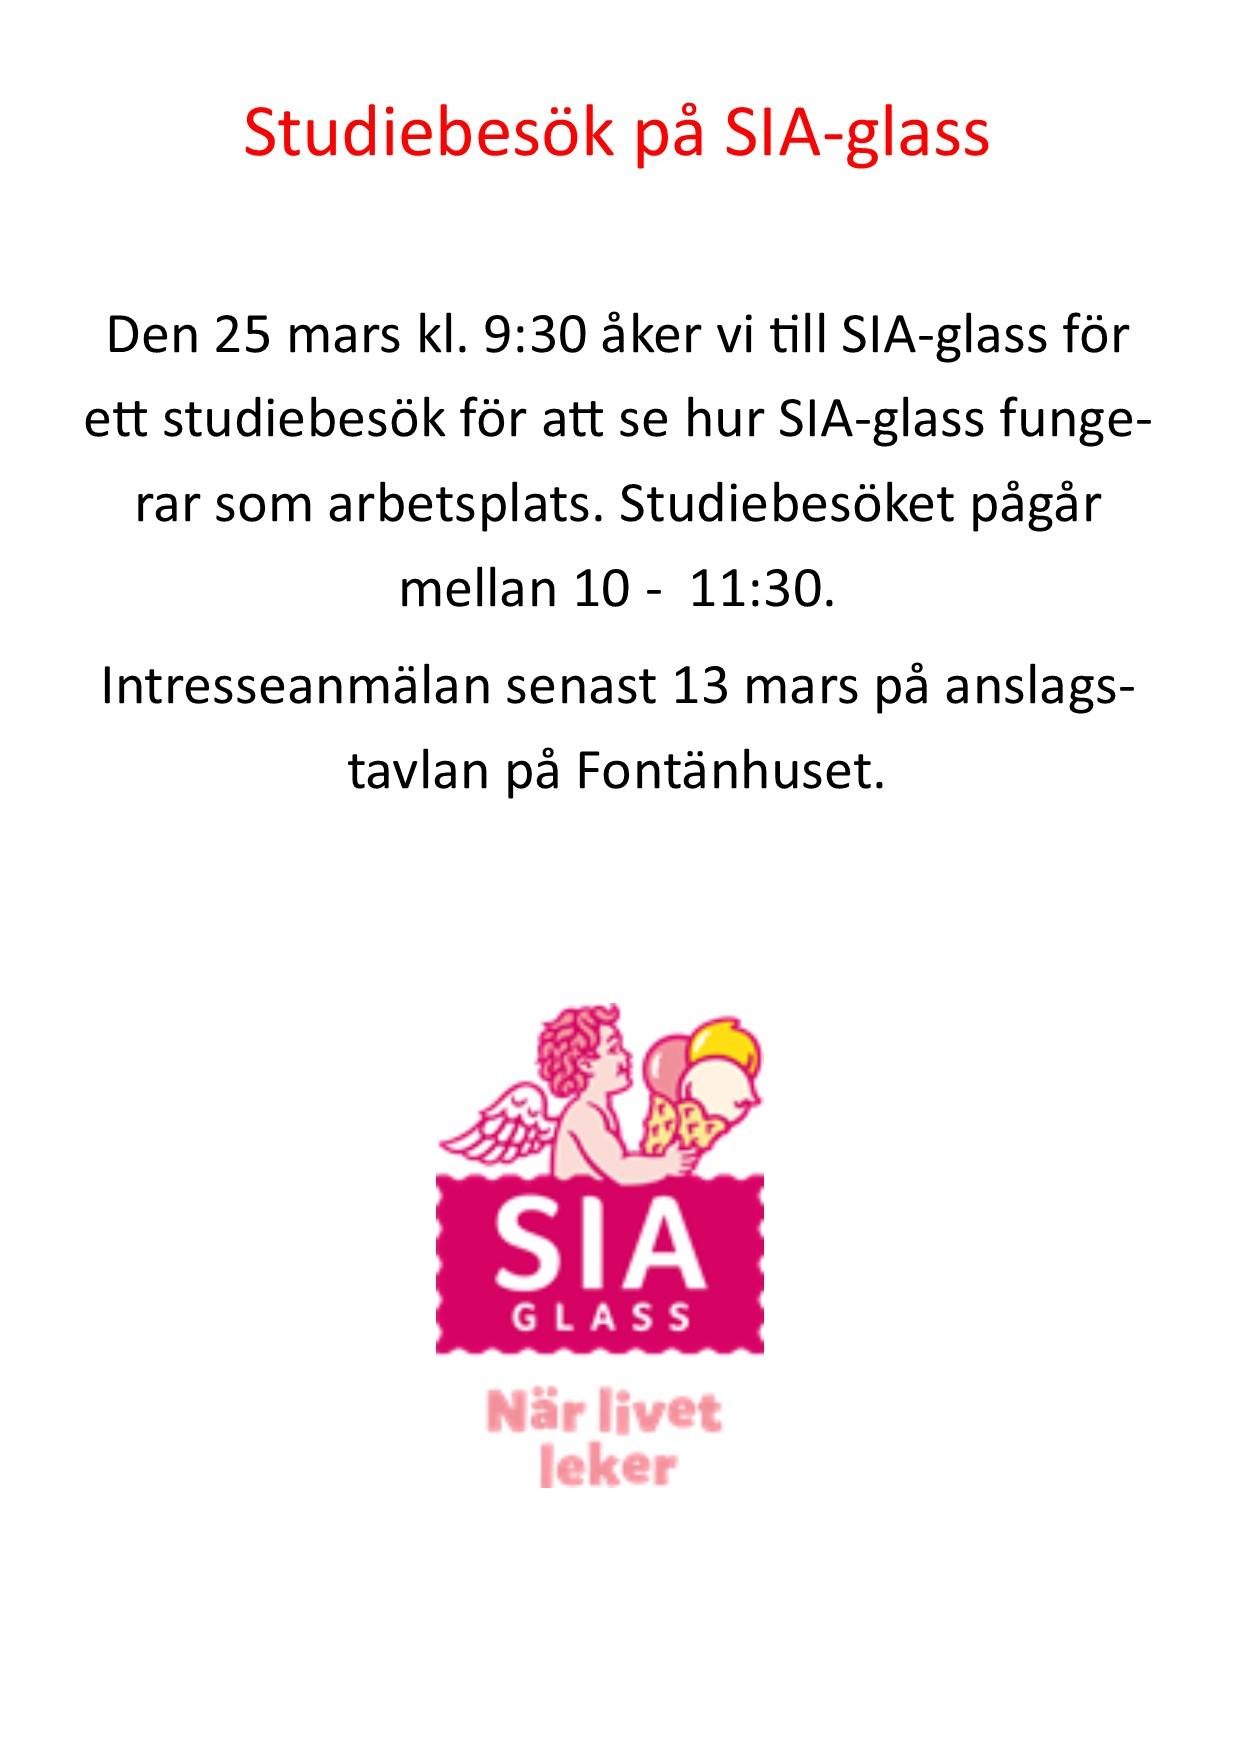 Studiebesök på SIA-glass